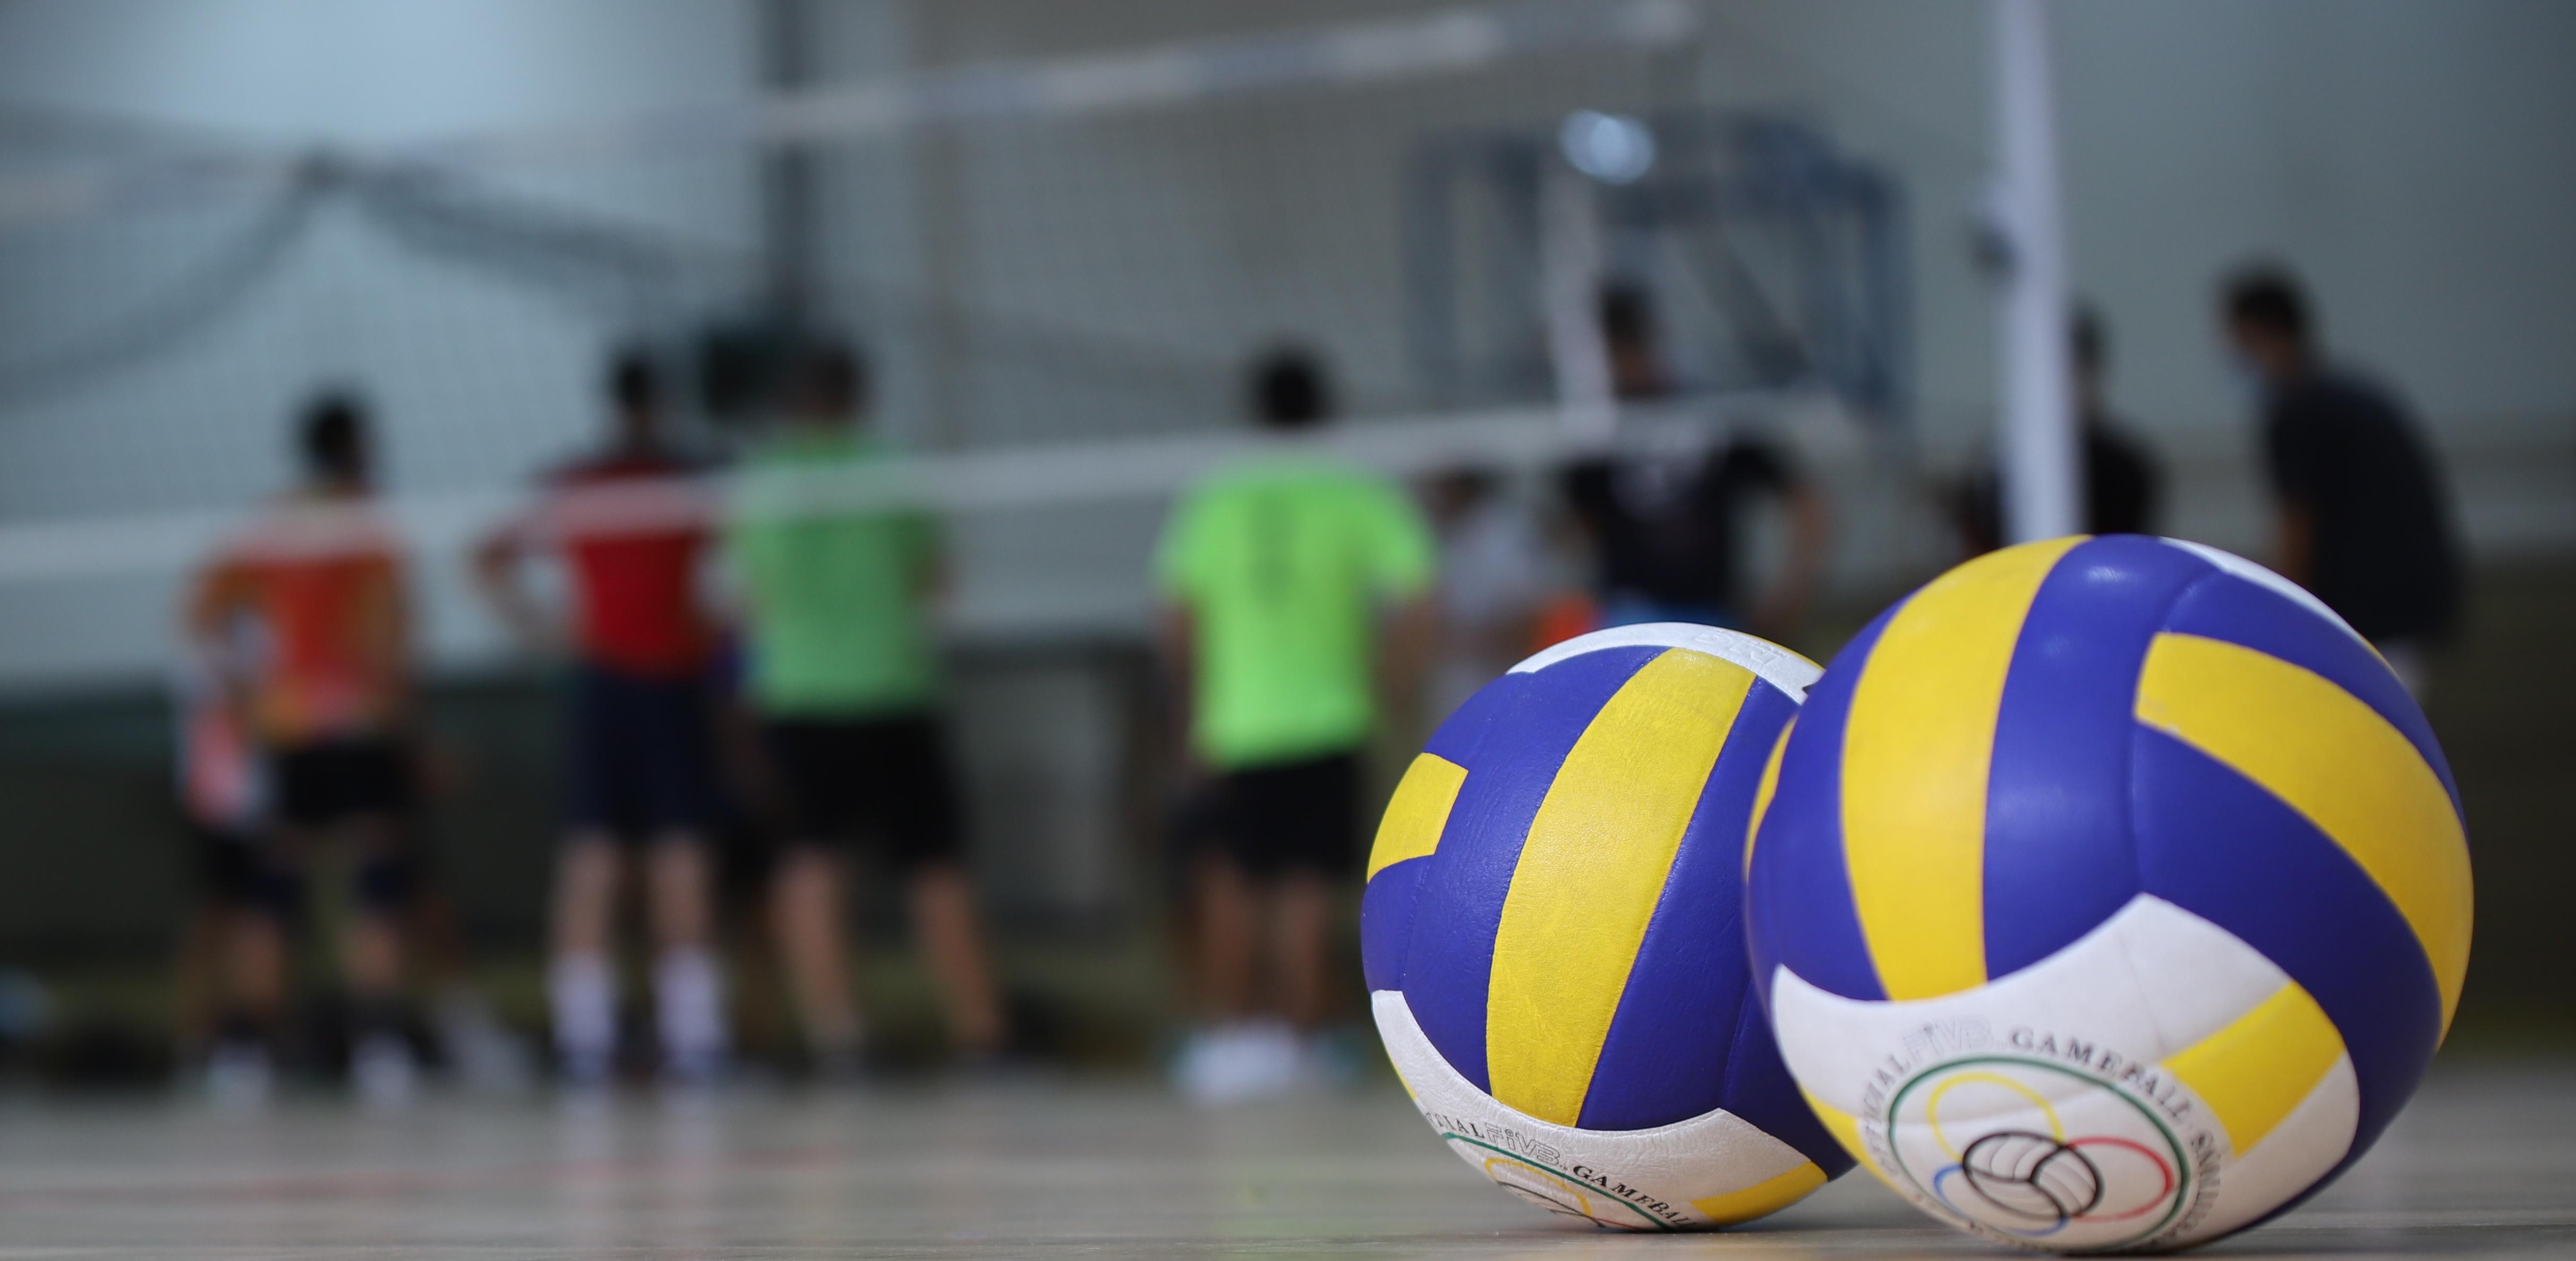 El CSD convoca los Campeonatos de España en Edad Escolar 2022